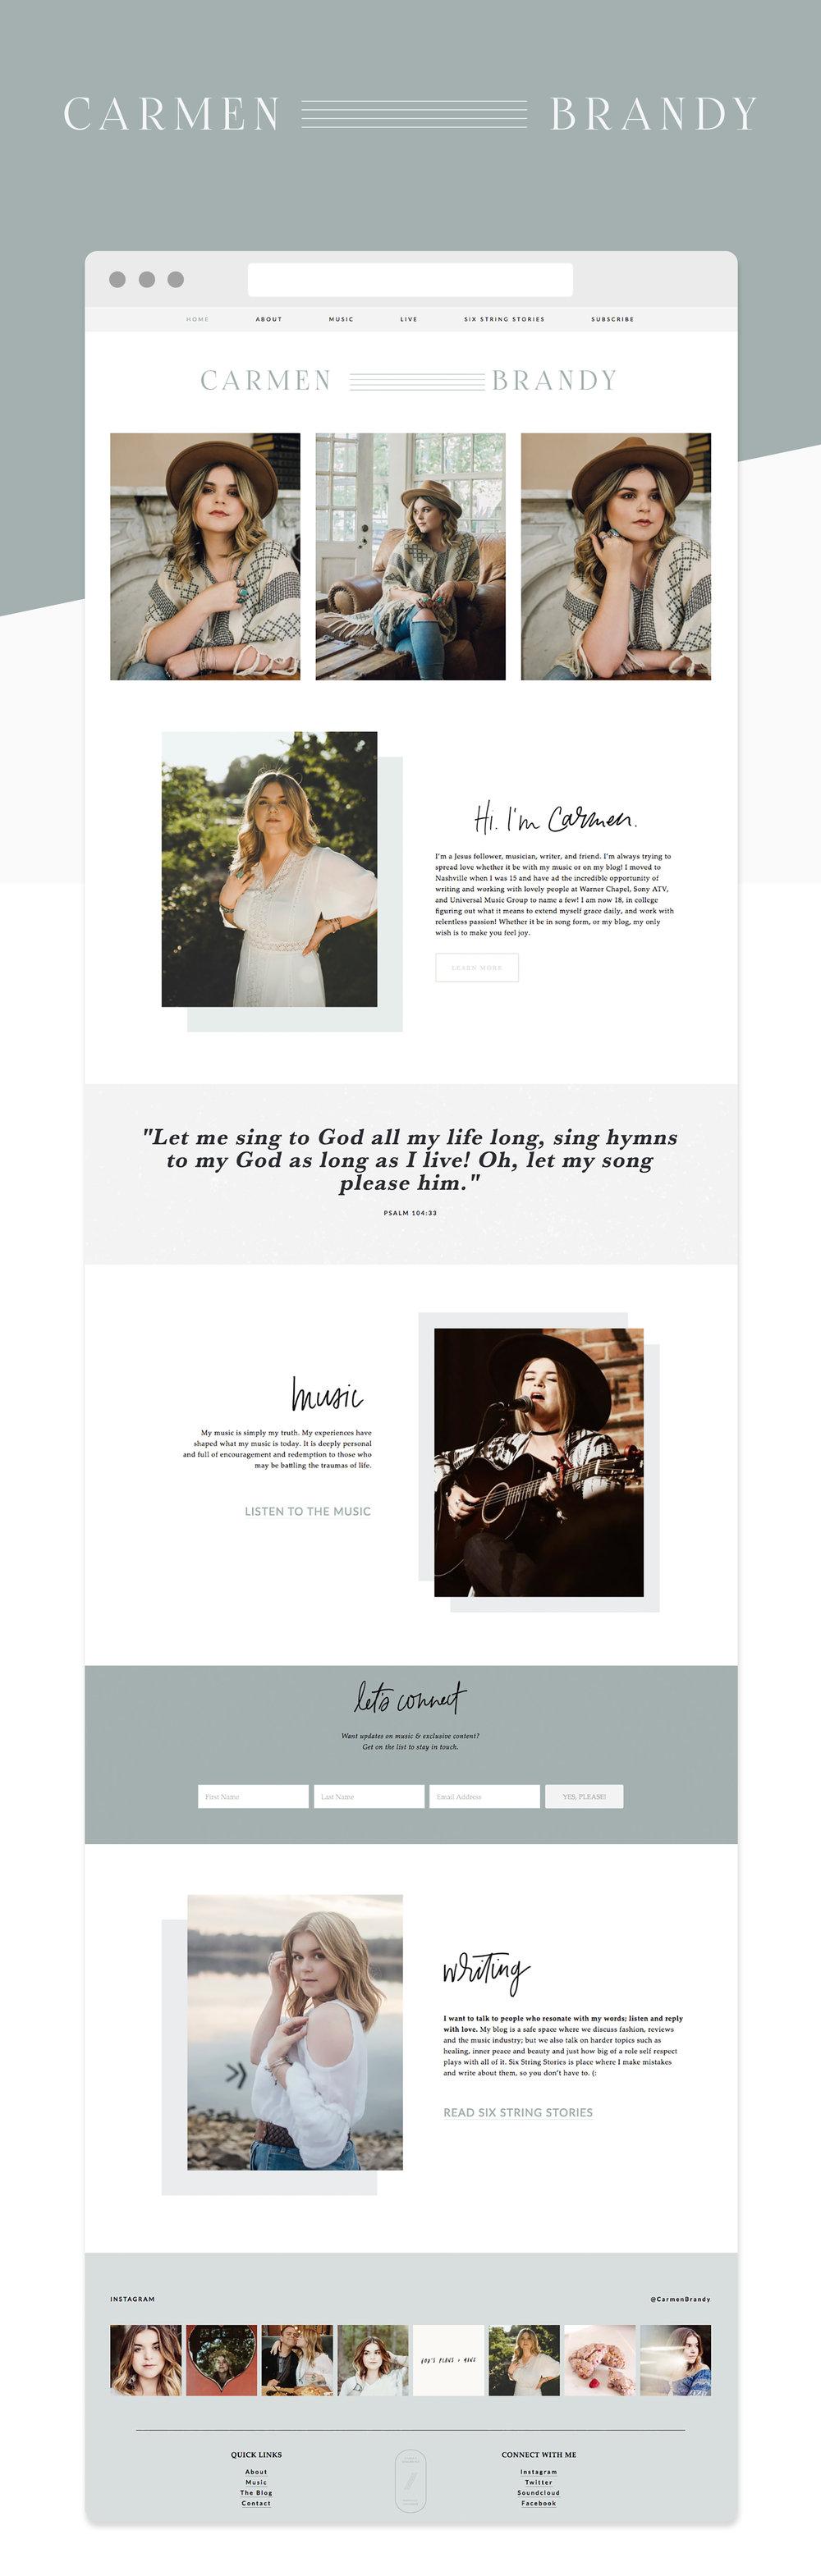 Carmen Brandy Website Design | Reux Design Co.